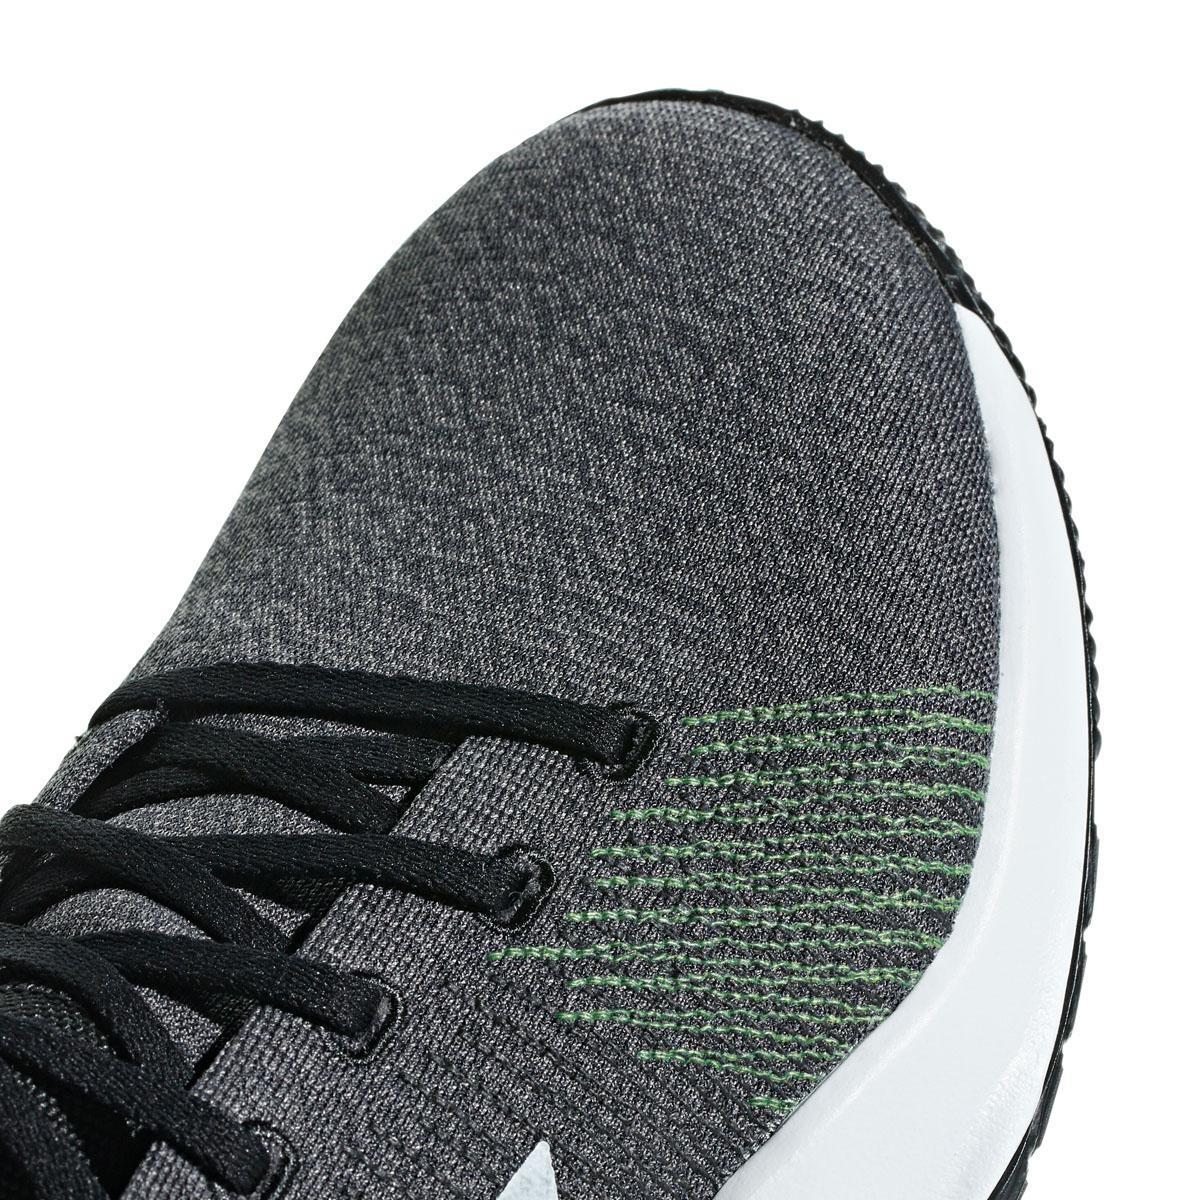 adidas Sportschuh in Übergröße, Solar LT Trainer M, schwarzgrau